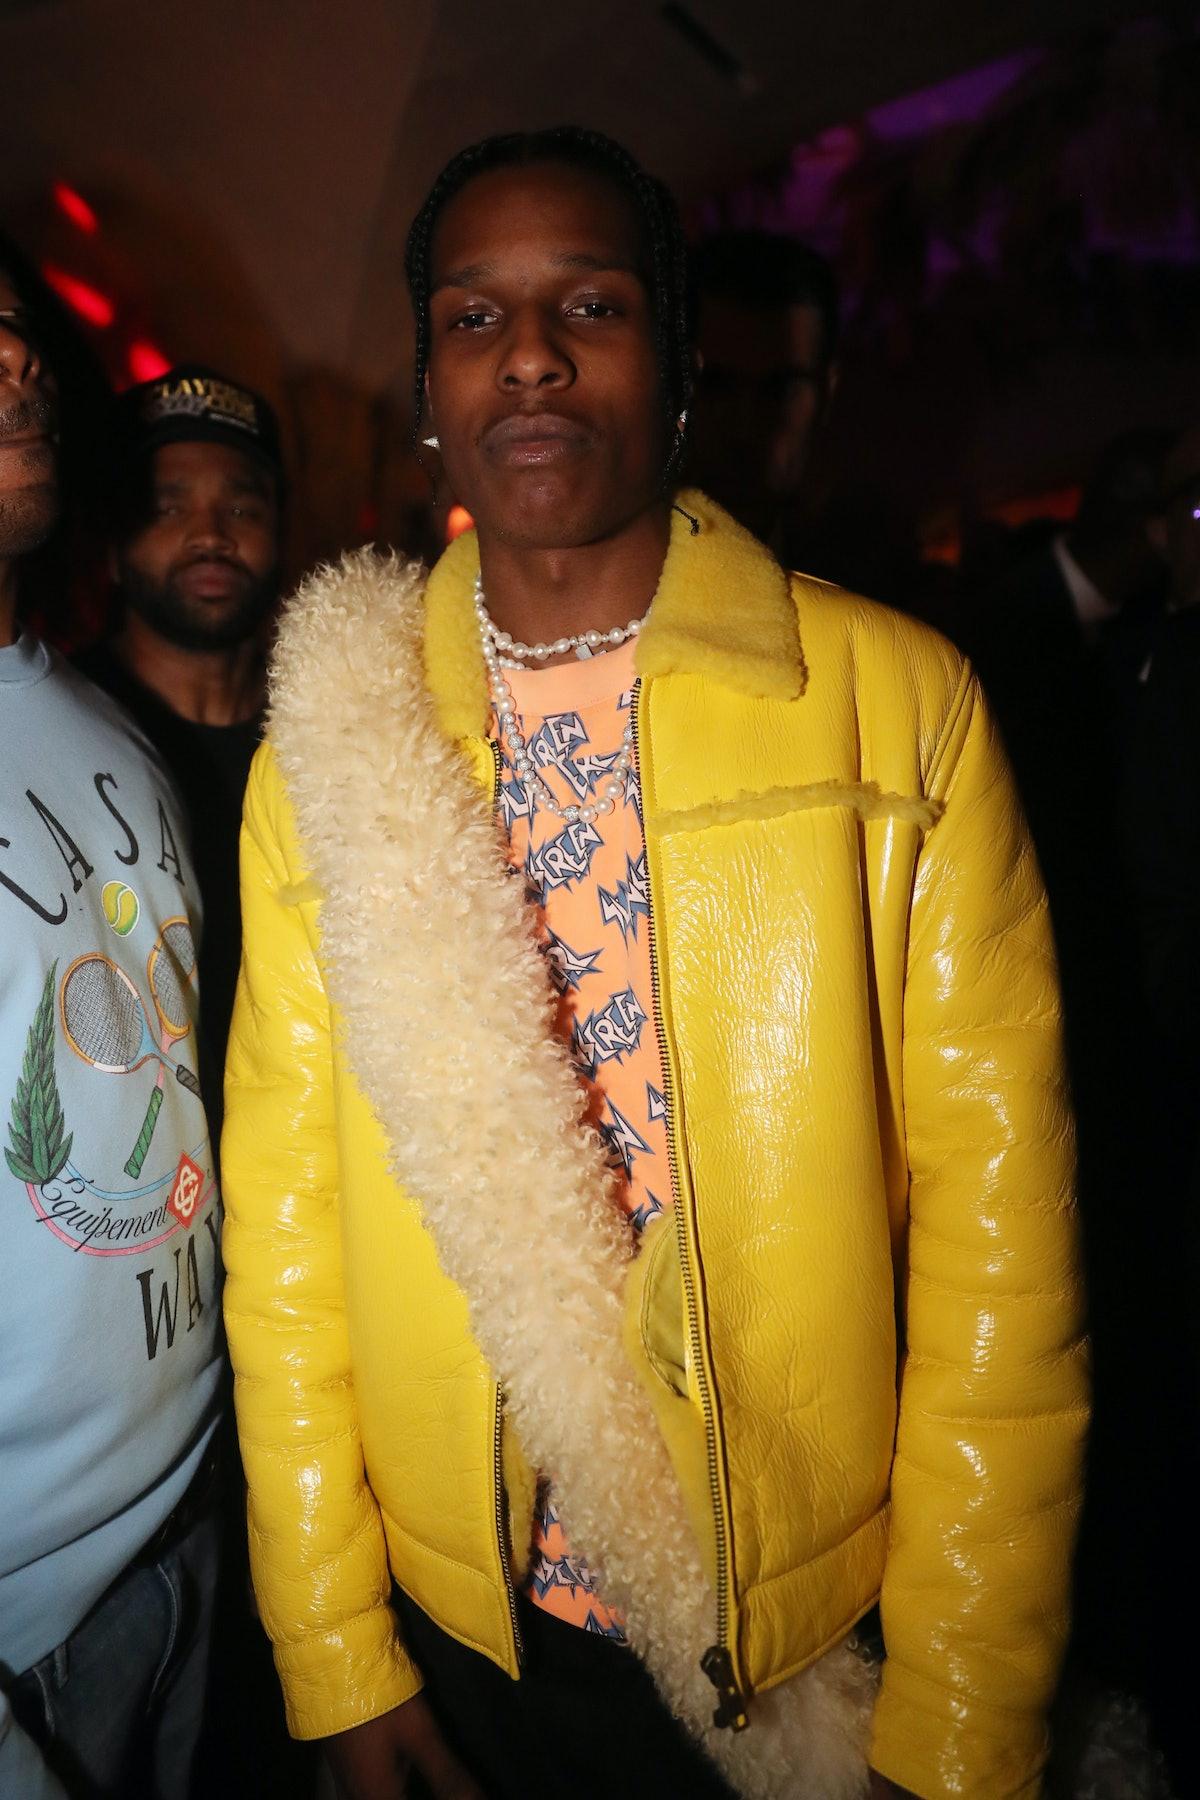 ASAP Rocky in yellow jacket.